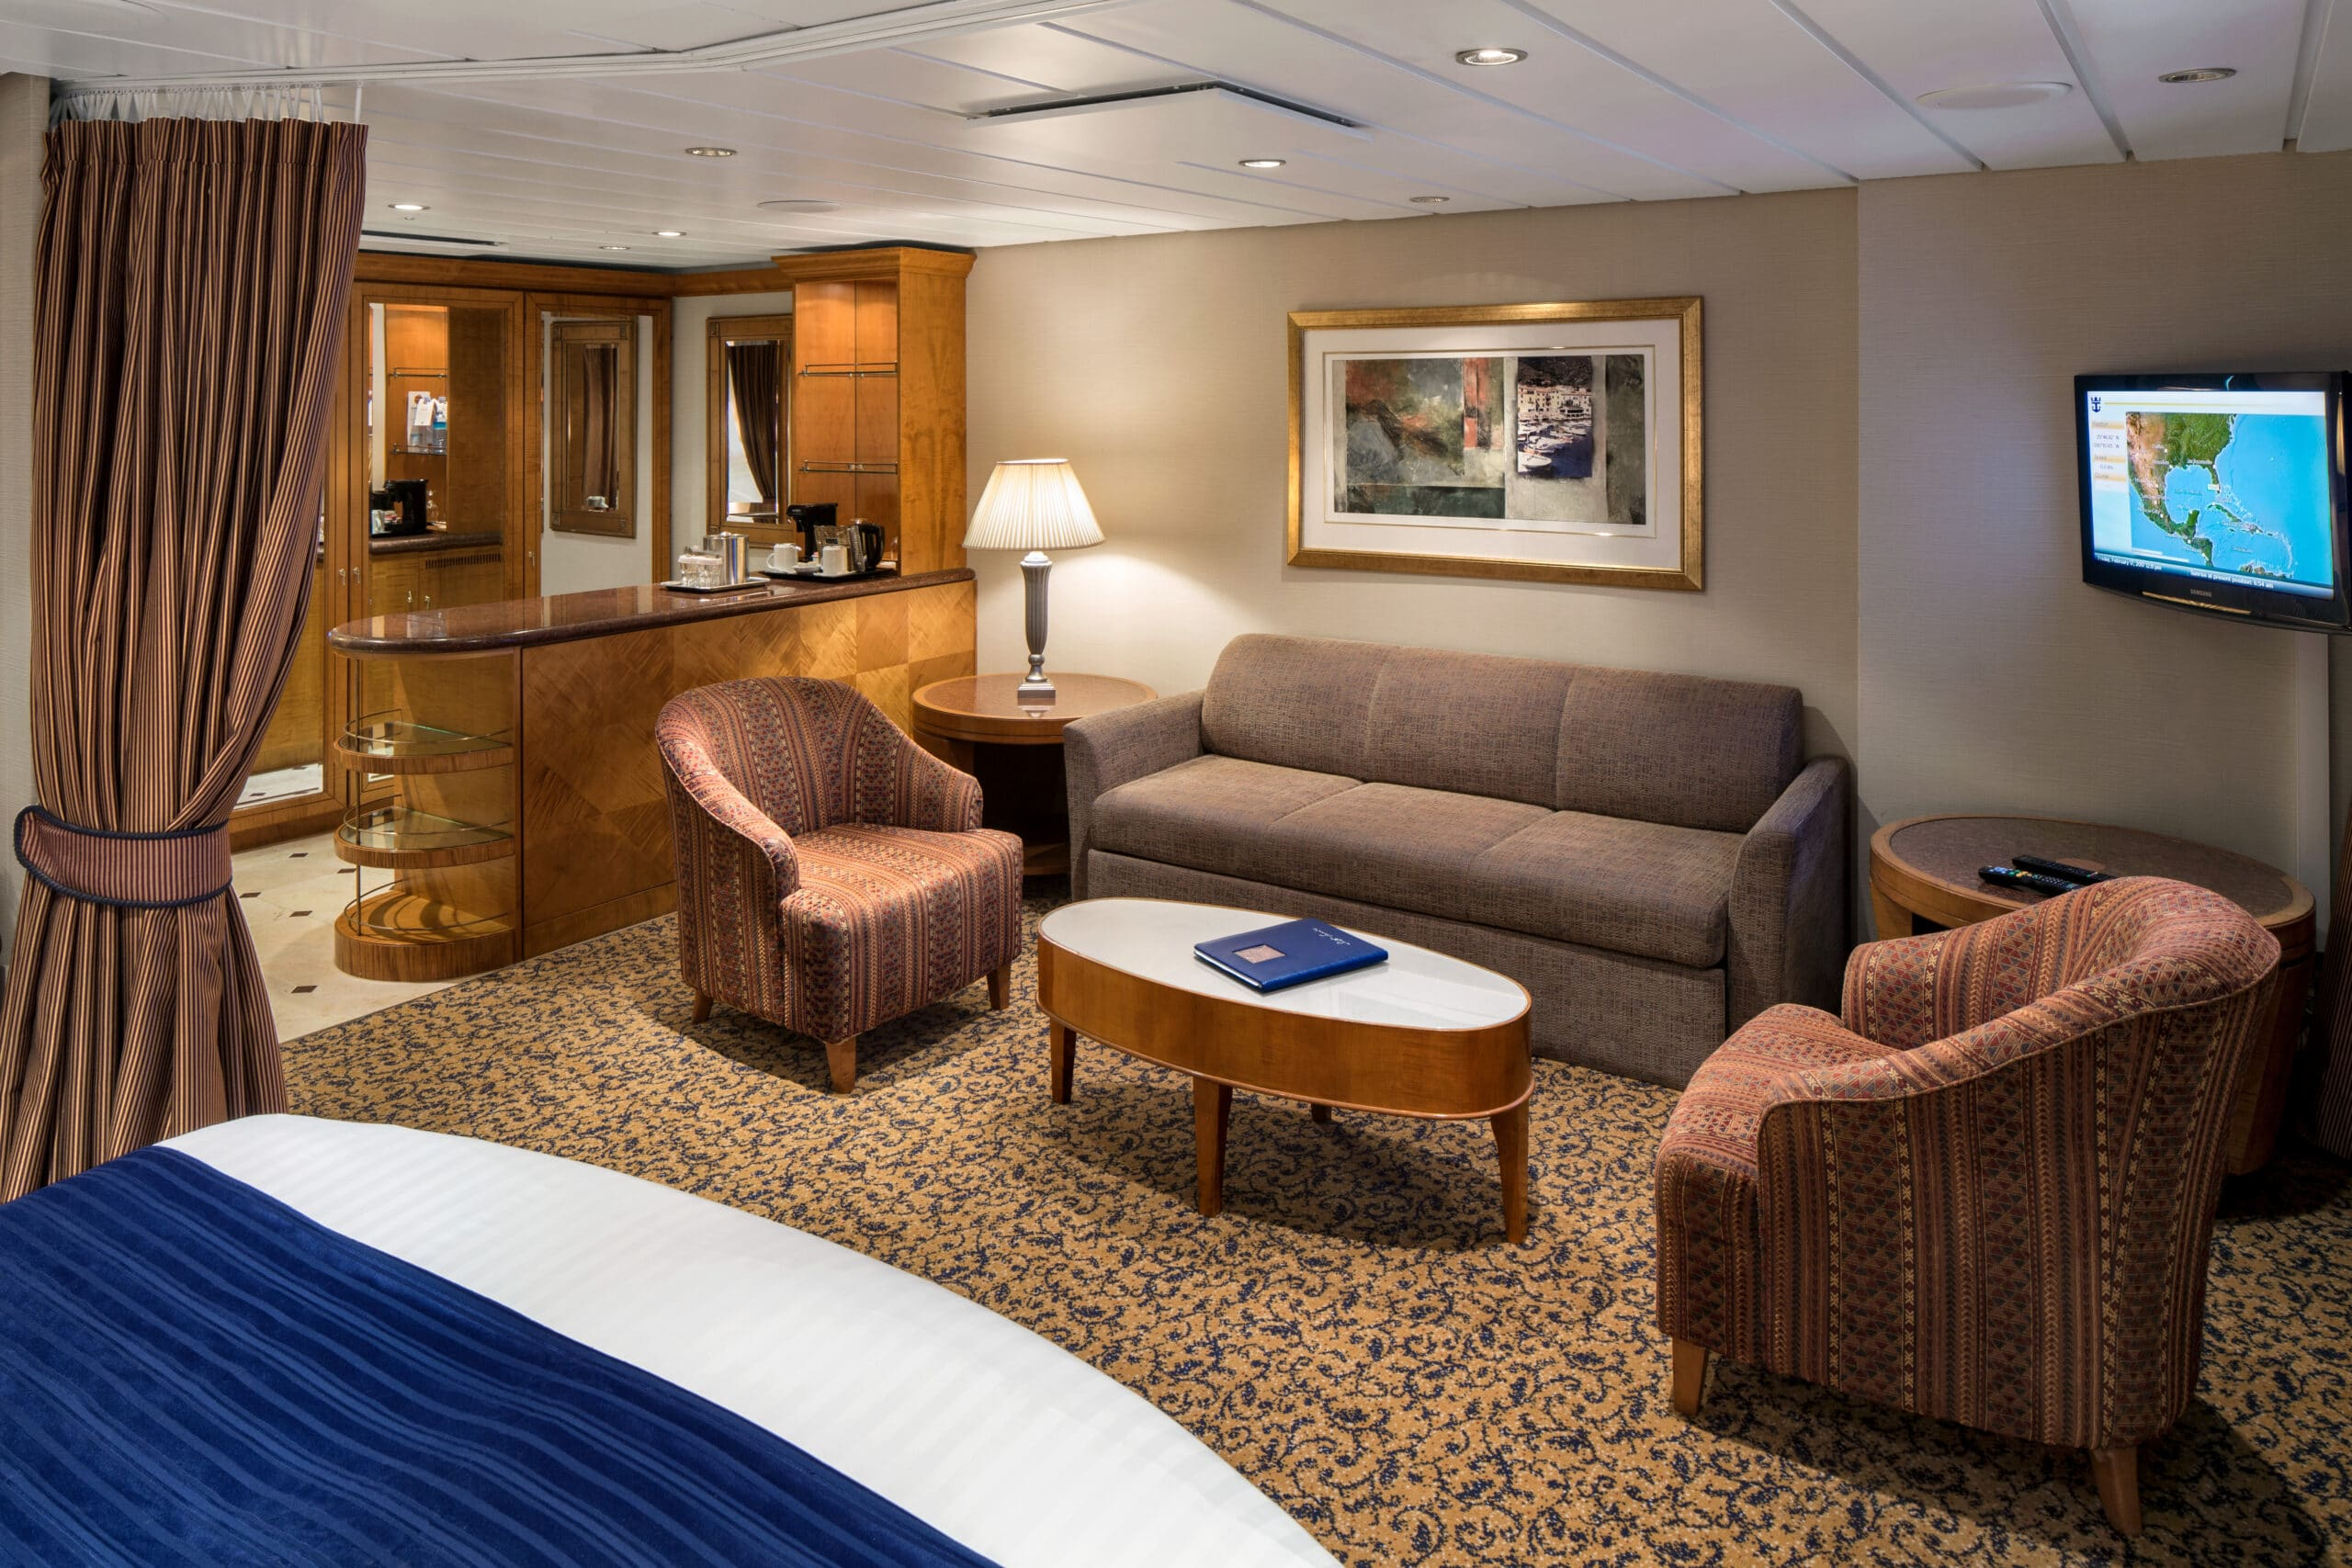 Royal-Caribbean-International-Serenade-of-the-Seas-schip-cruiseschip-categorie-GS-Grand-Suite